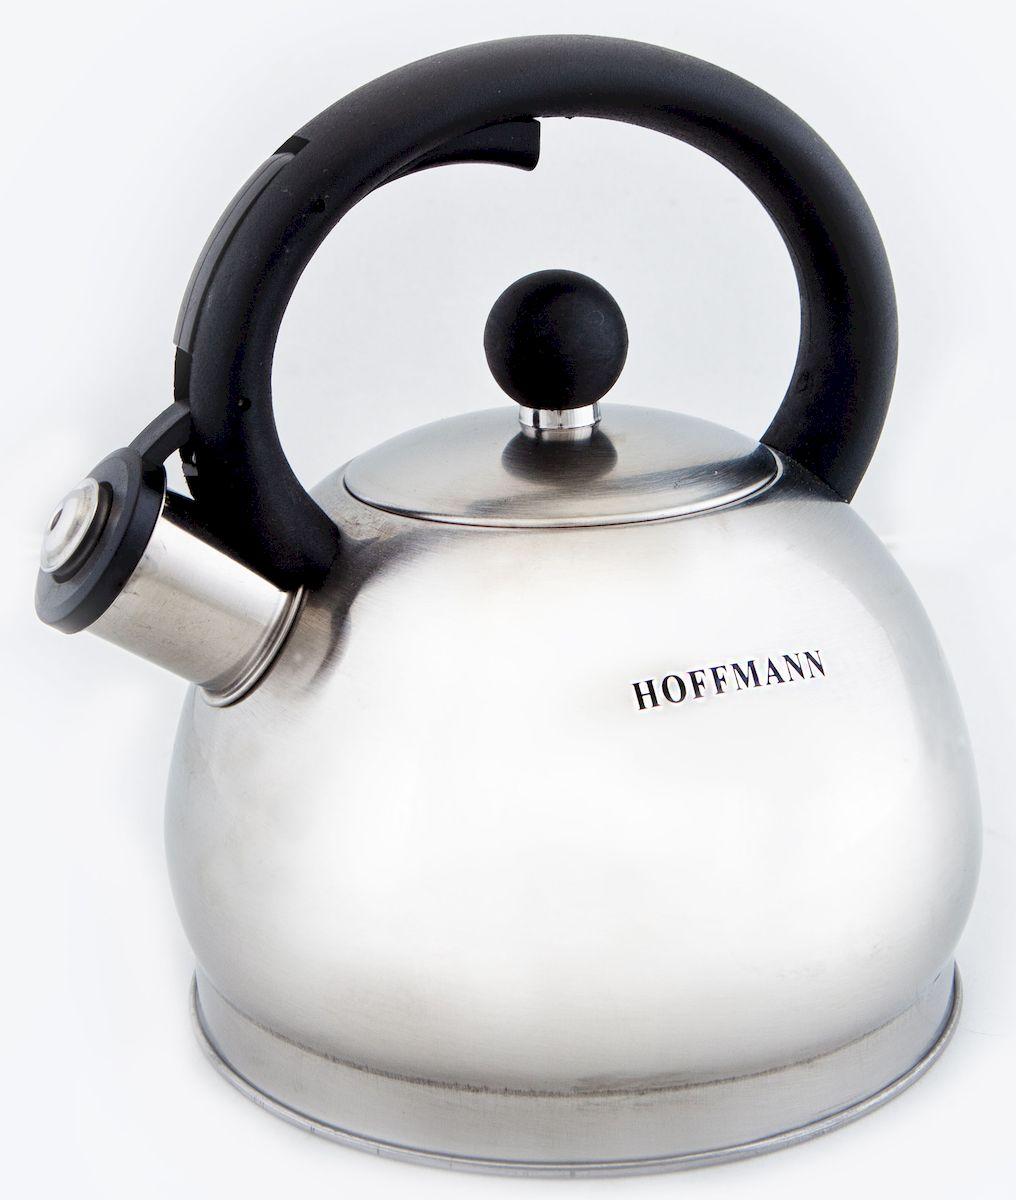 Чайник Hoffmann со свистком, 2 л. НМ 5518НМ 5518Чайник Hoffmann выполнен из высококачественной нержавеющей стали, что делает его весьма гигиеничным и устойчивым к износу при длительном использовании. Носик чайника оснащен насадкой-свистком, что позволит вам контролировать процесс подогрева или кипячения воды. Фиксированная ручка, изготовленная из бакелита, оснащена механизмом открывания носика. Эстетичный и функциональный чайник будет оригинально смотреться в любом интерьере.